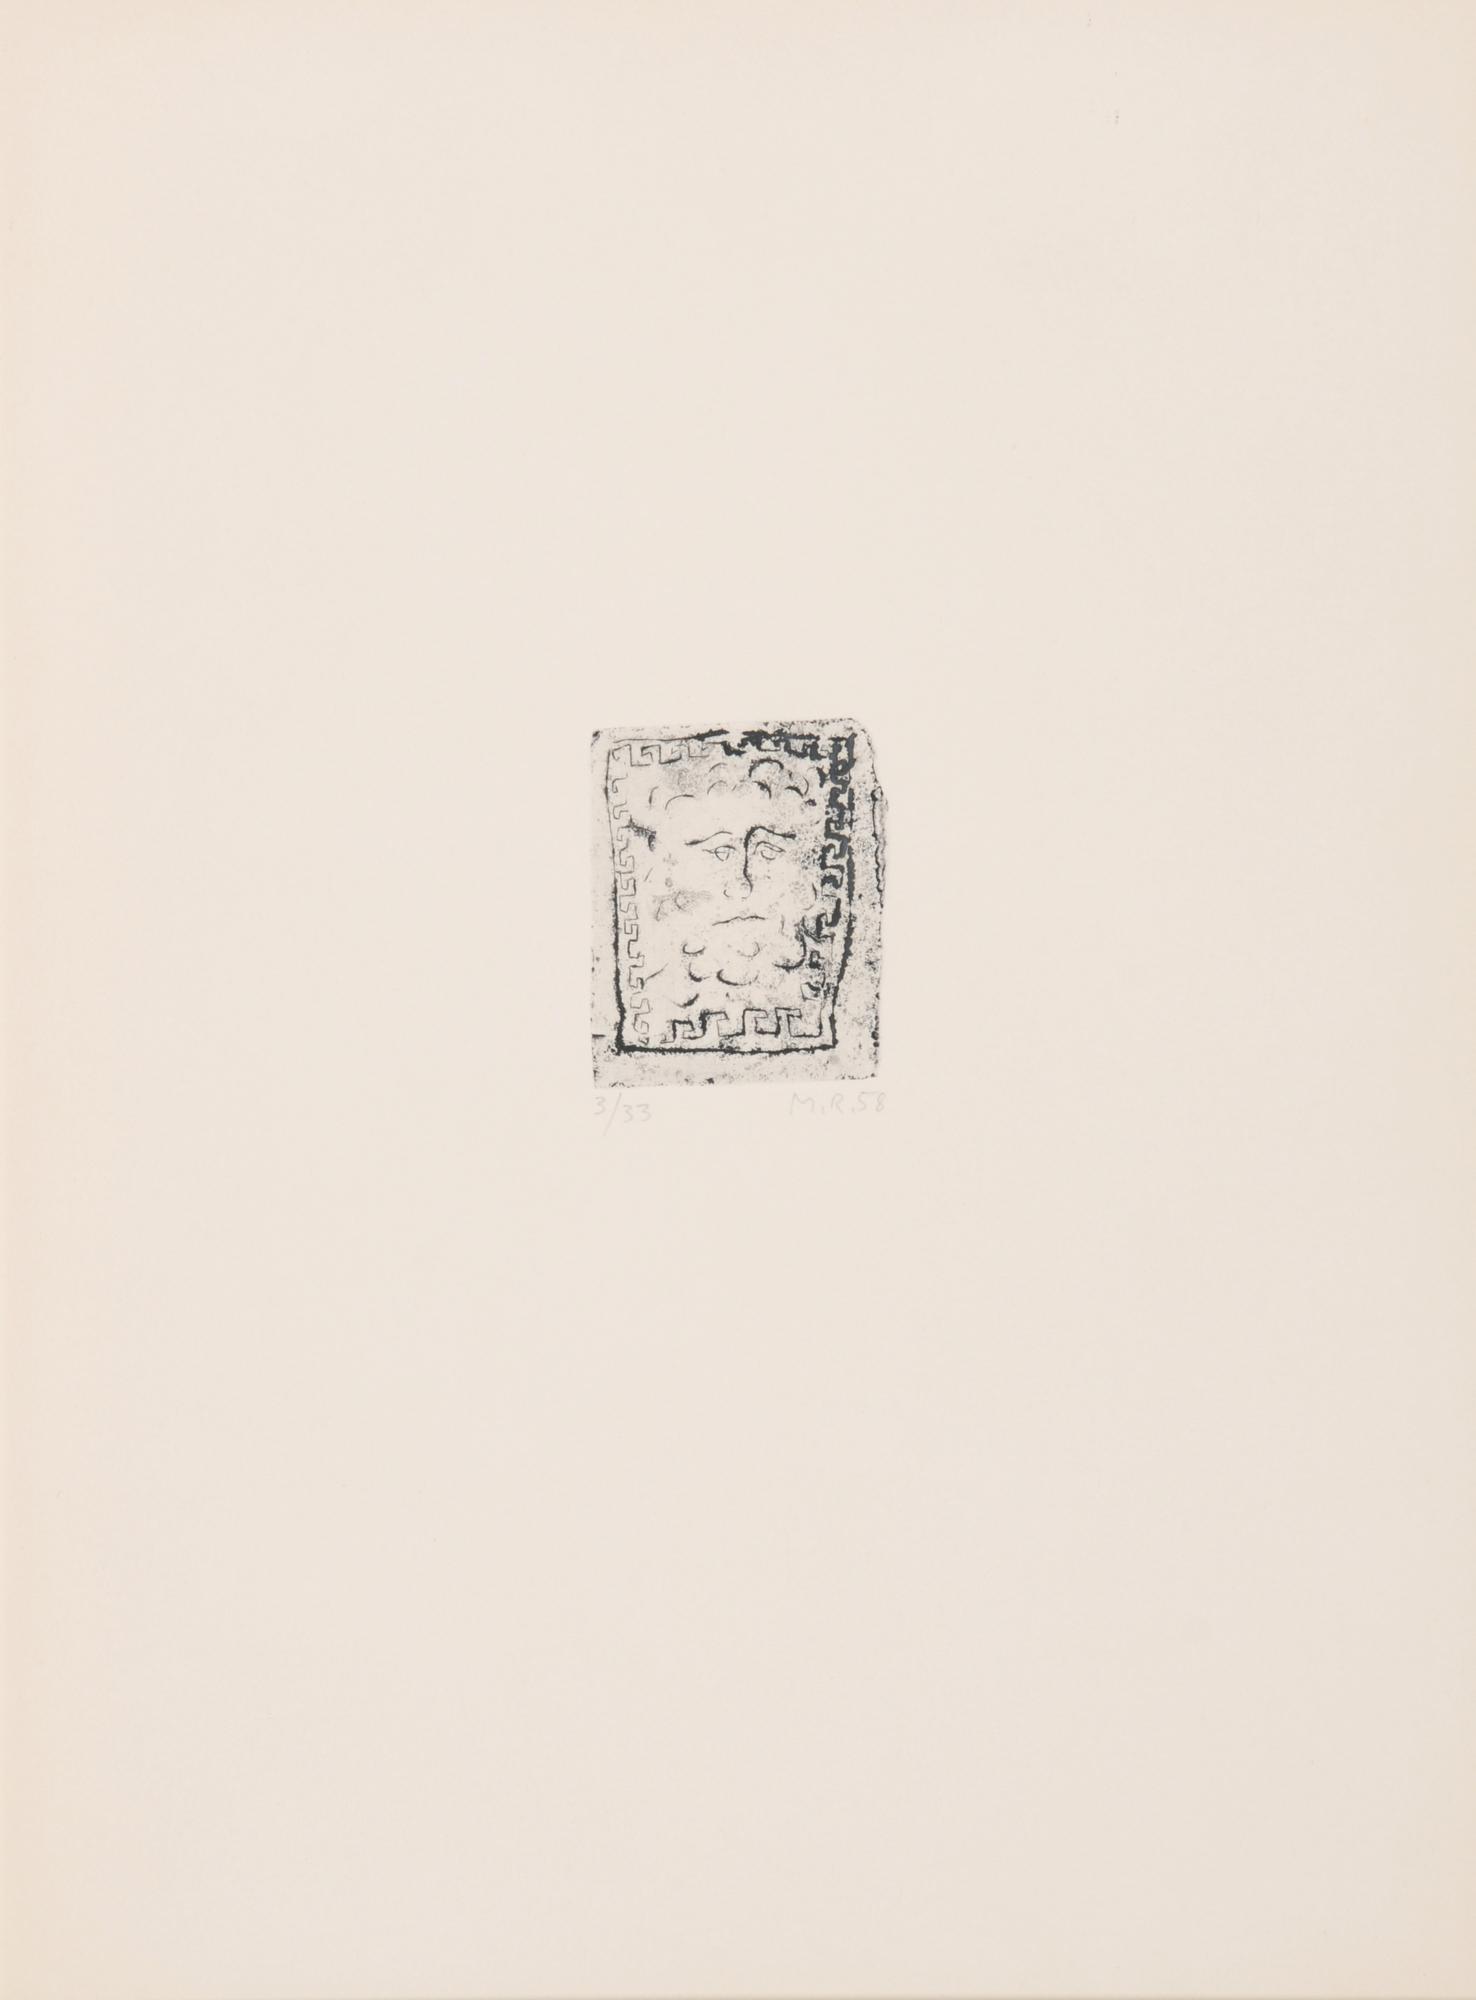 Raetz Markus, 7 Radierungen (Lüscher-Mappe): Schlösschen, 1958; Bäumchen, 1958; Mäander, 1958; Ringer, 1958; Zwei Tröge, 1974; Soundso, 1974; Ein Landschäftchen, 1974